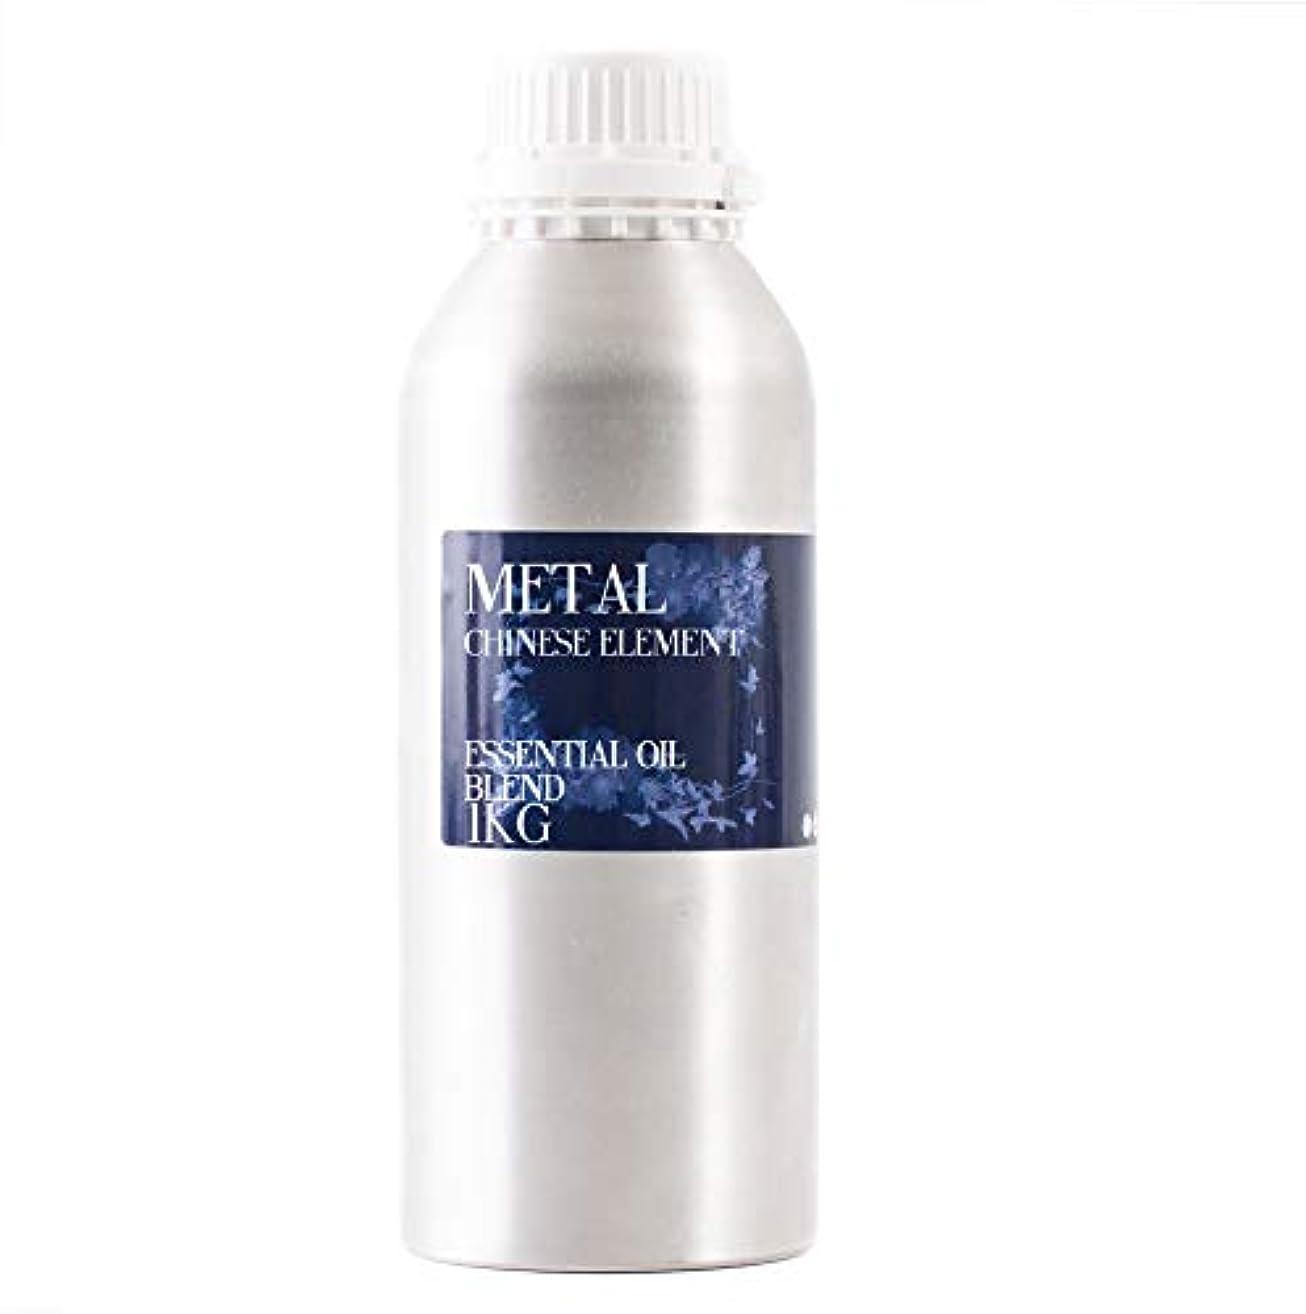 アクティブ冷蔵するスイス人Mystix London | Chinese Metal Element Essential Oil Blend - 1Kg